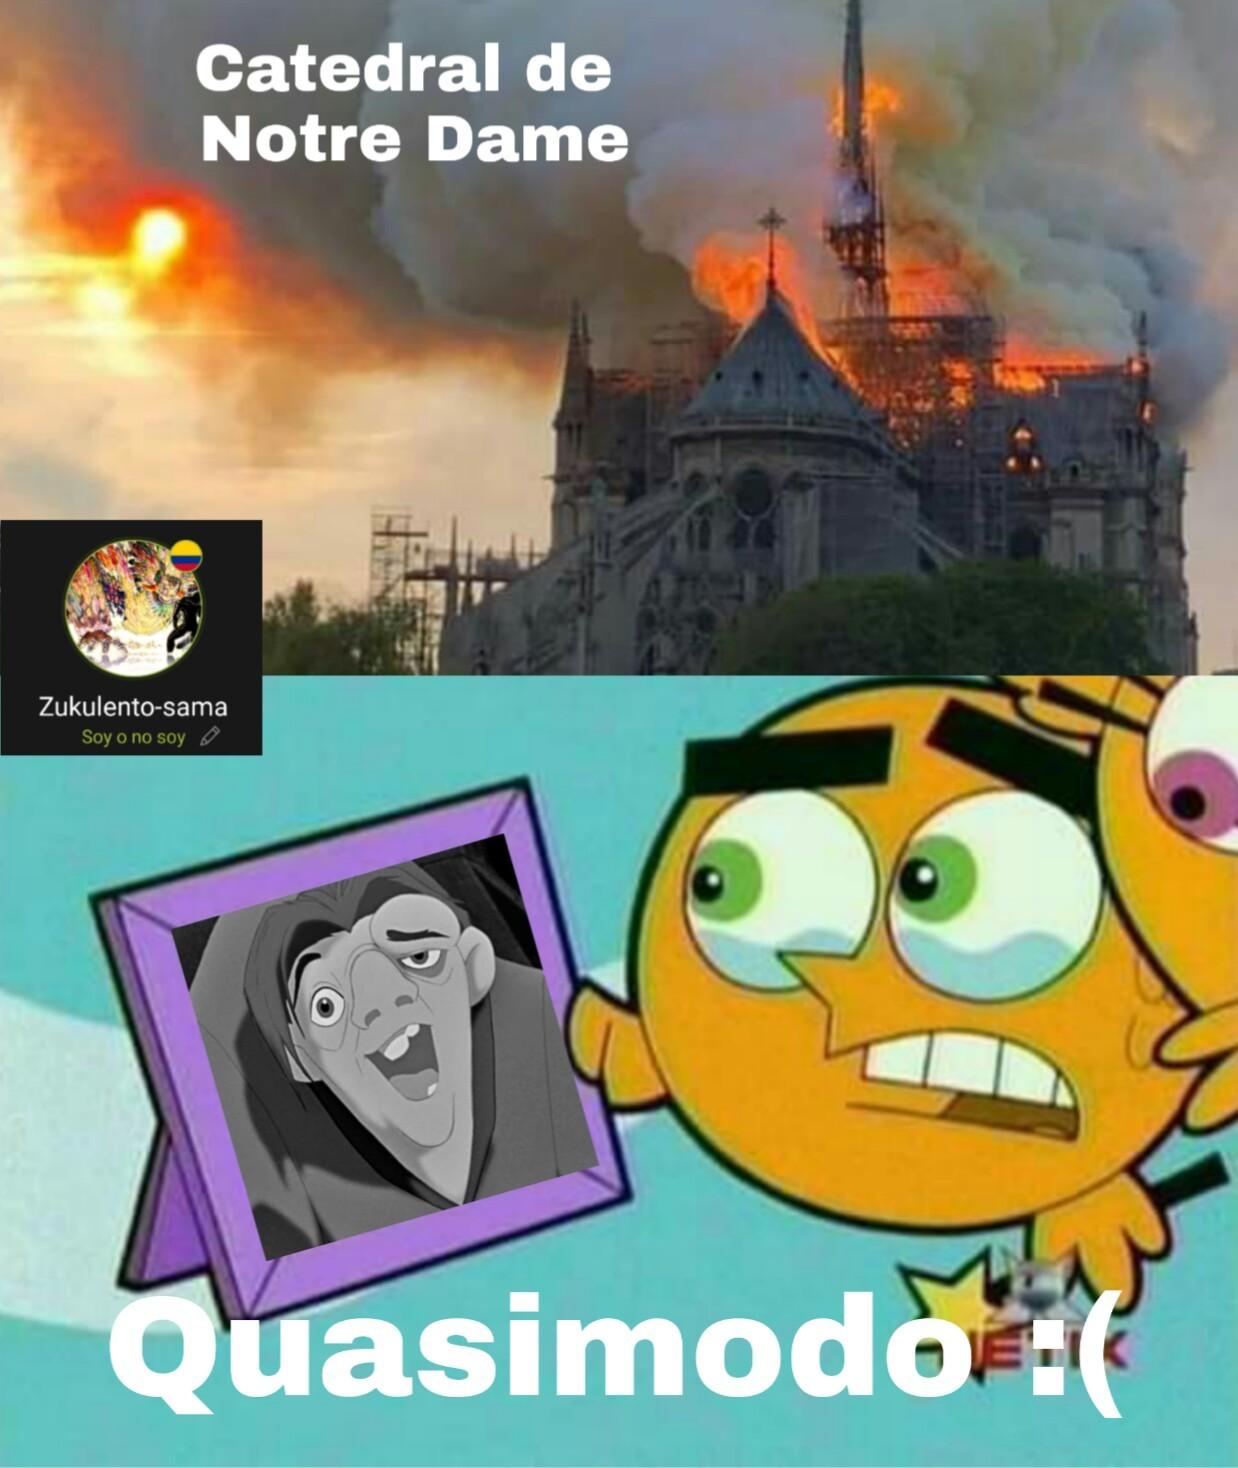 Quasimodo - meme